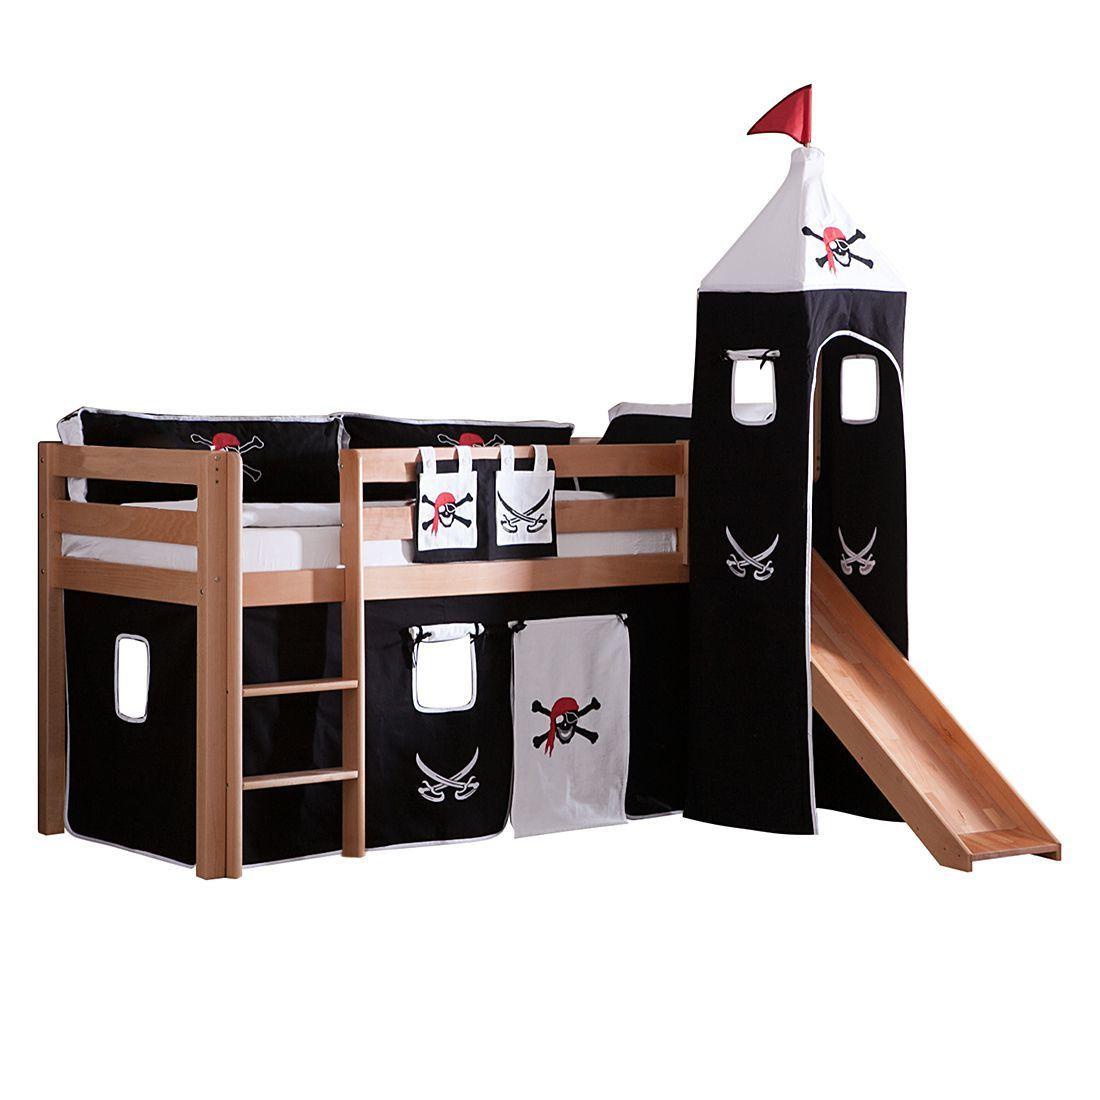 Spielbett Alex Mit Rutsche Vorhang Turm Und Tasche Buche